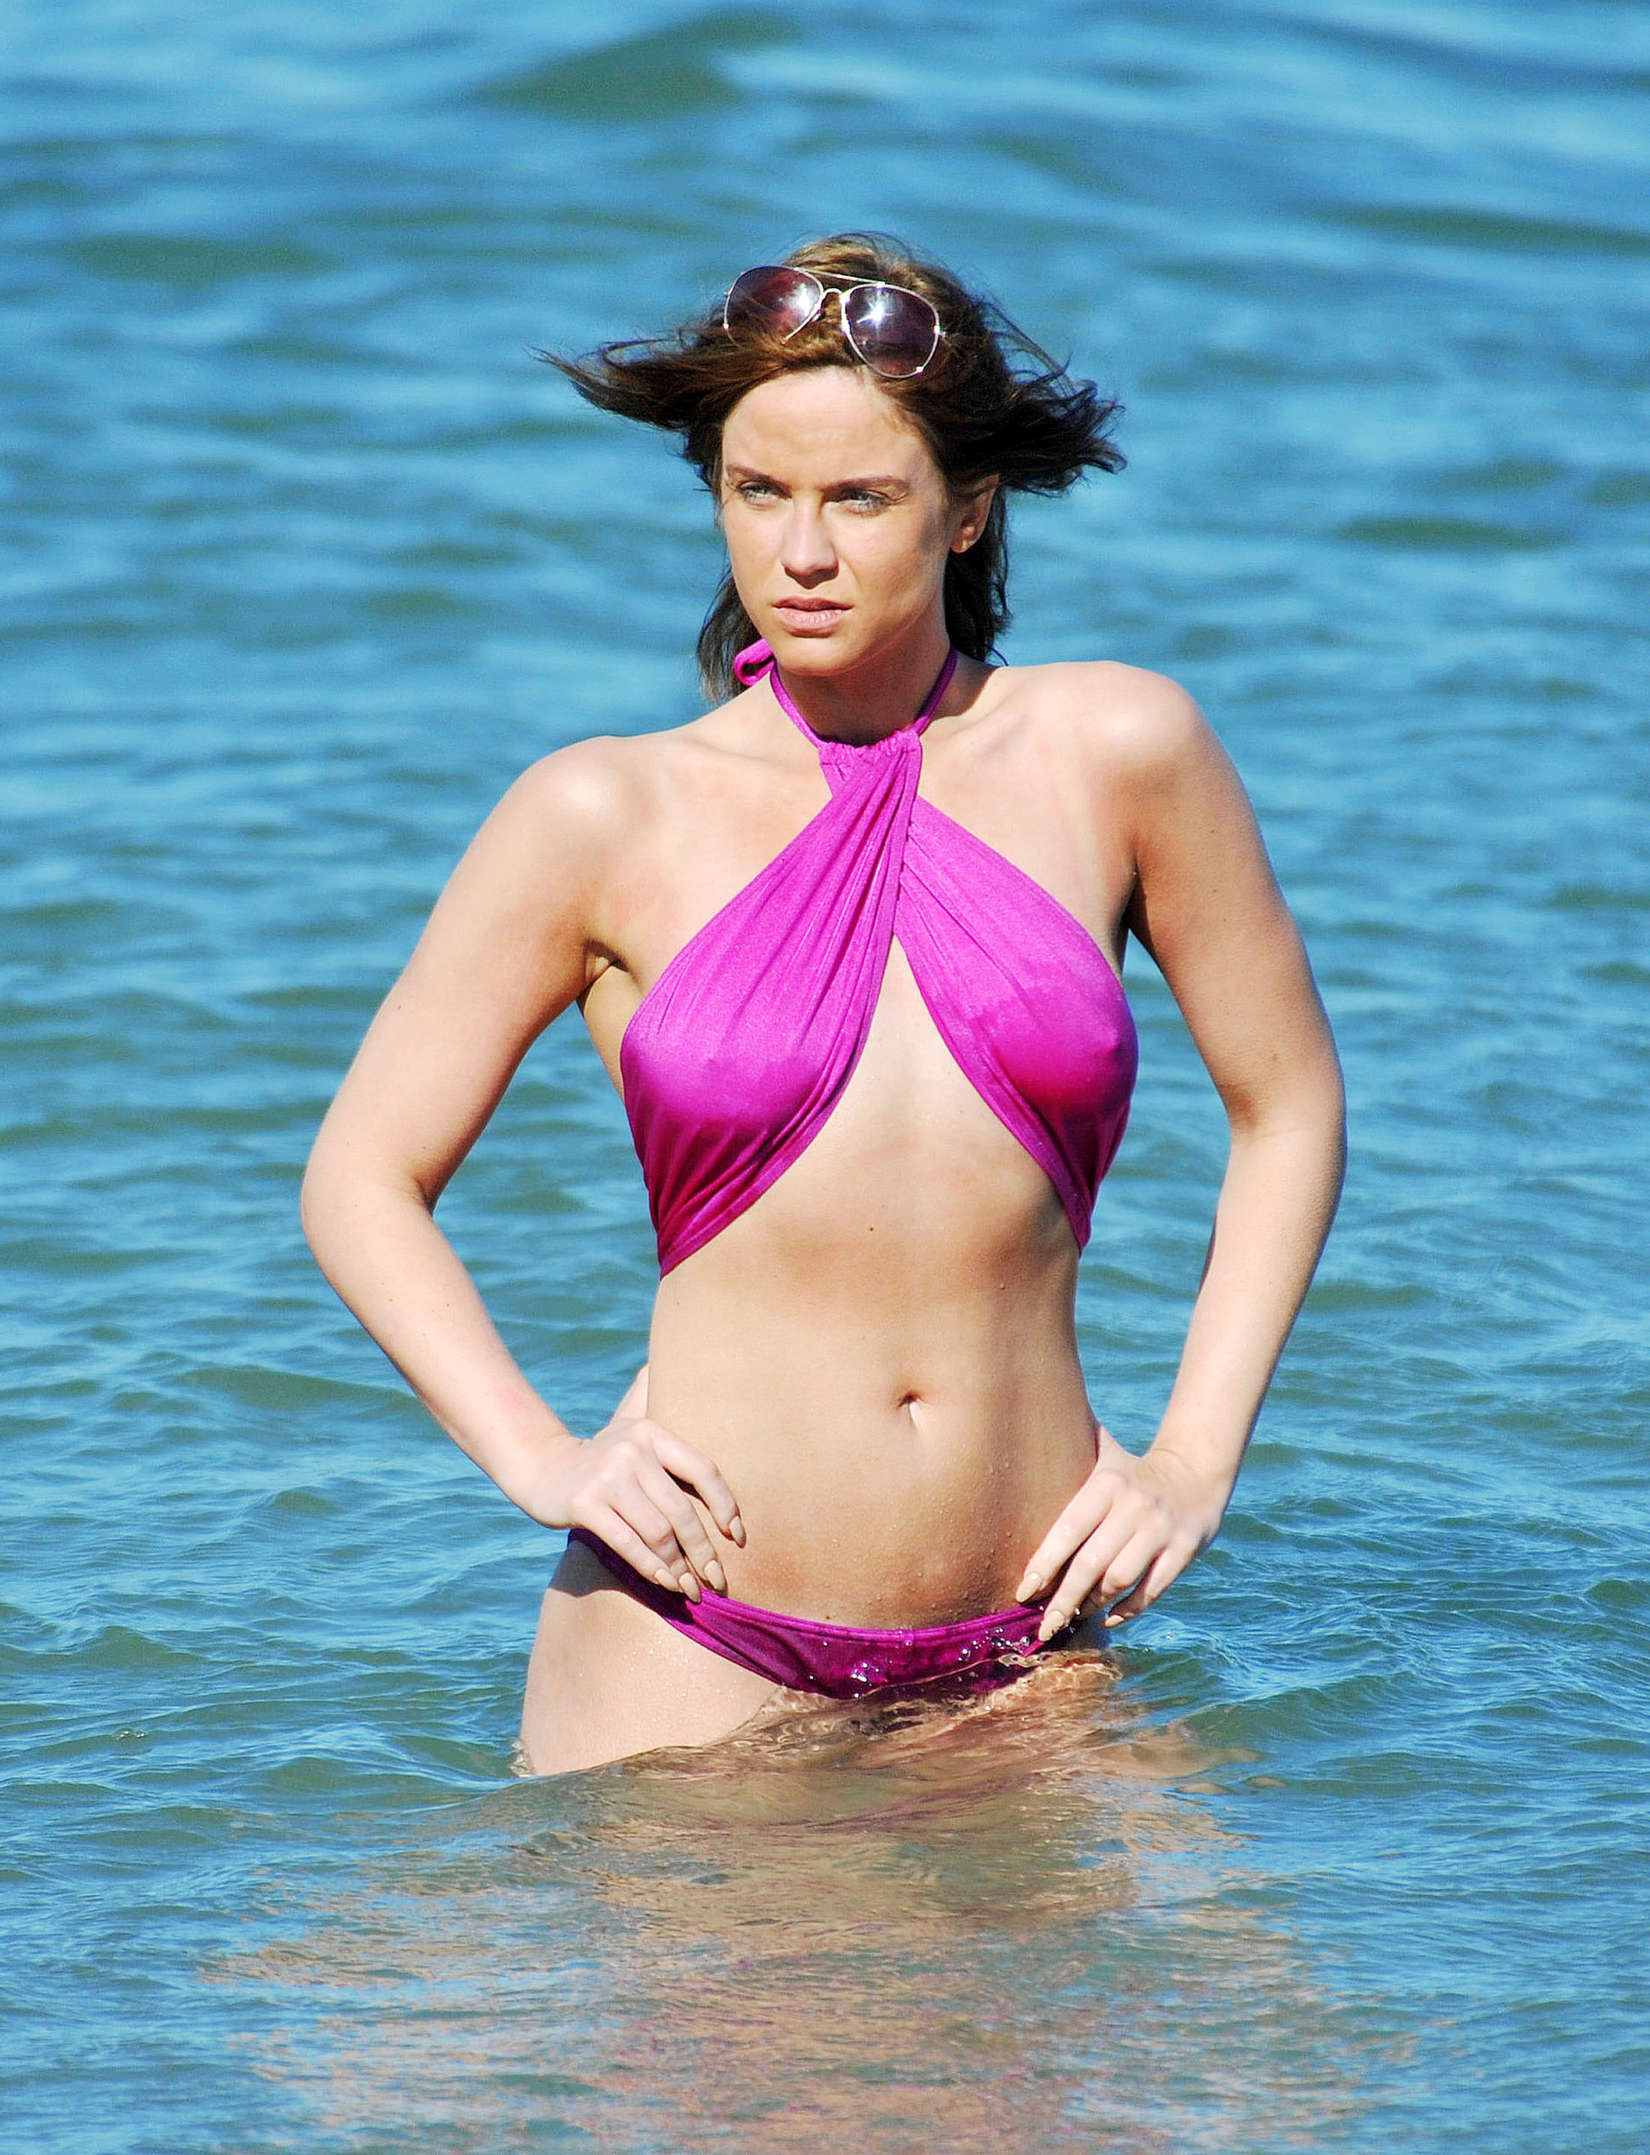 Vicky Pattison 2014 : Vicky Pattison Bikini Photos: In Marbella -19